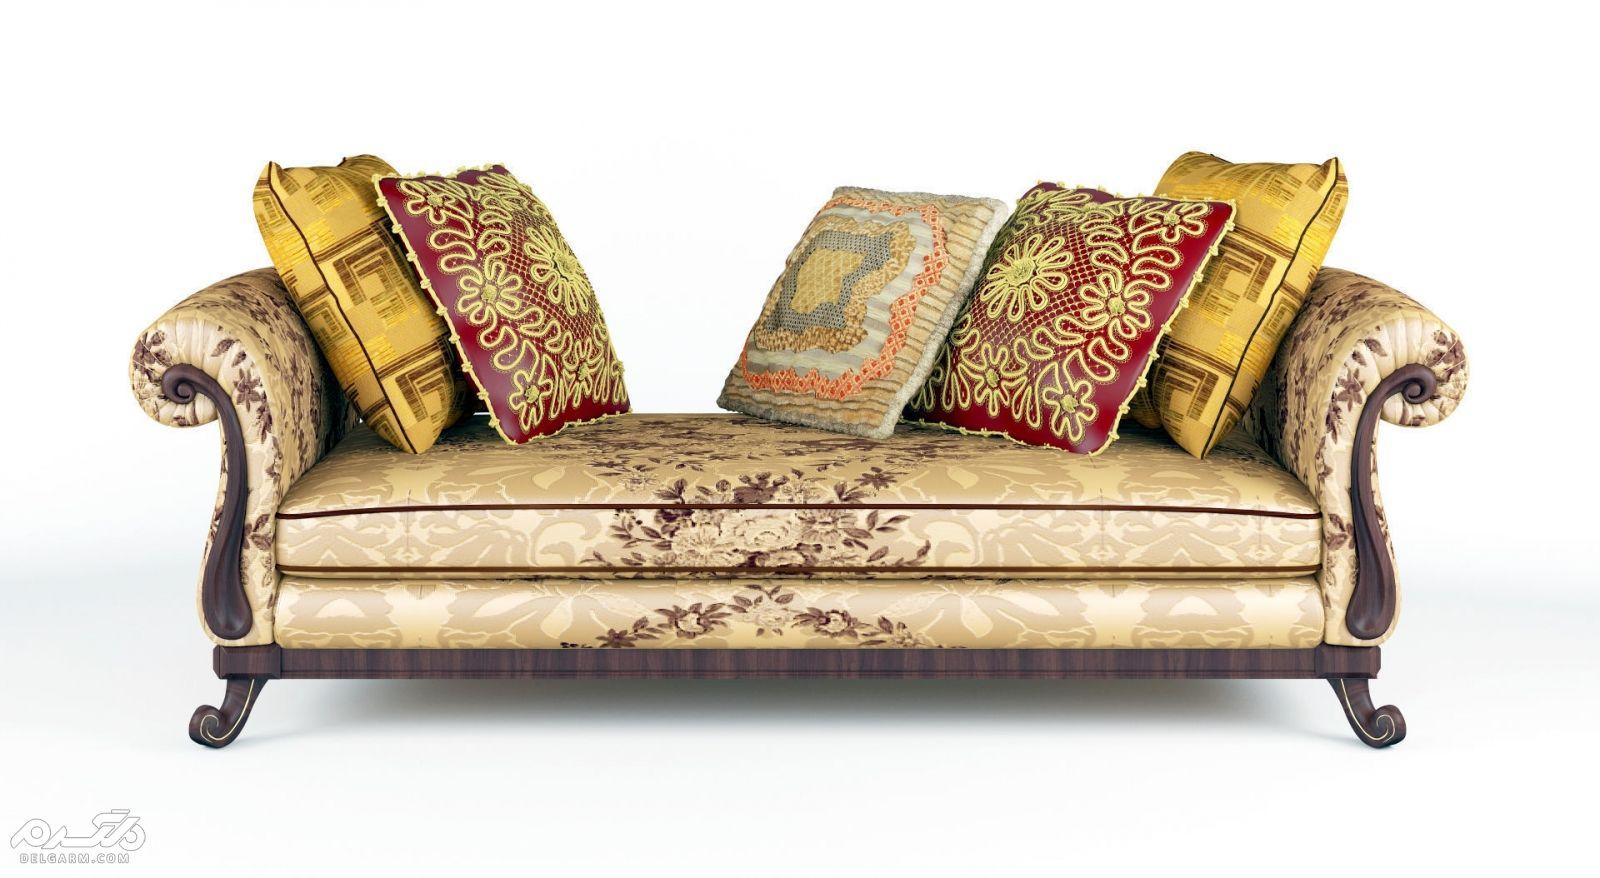 گالری از شیک ترین مدل مبل سلطنتی